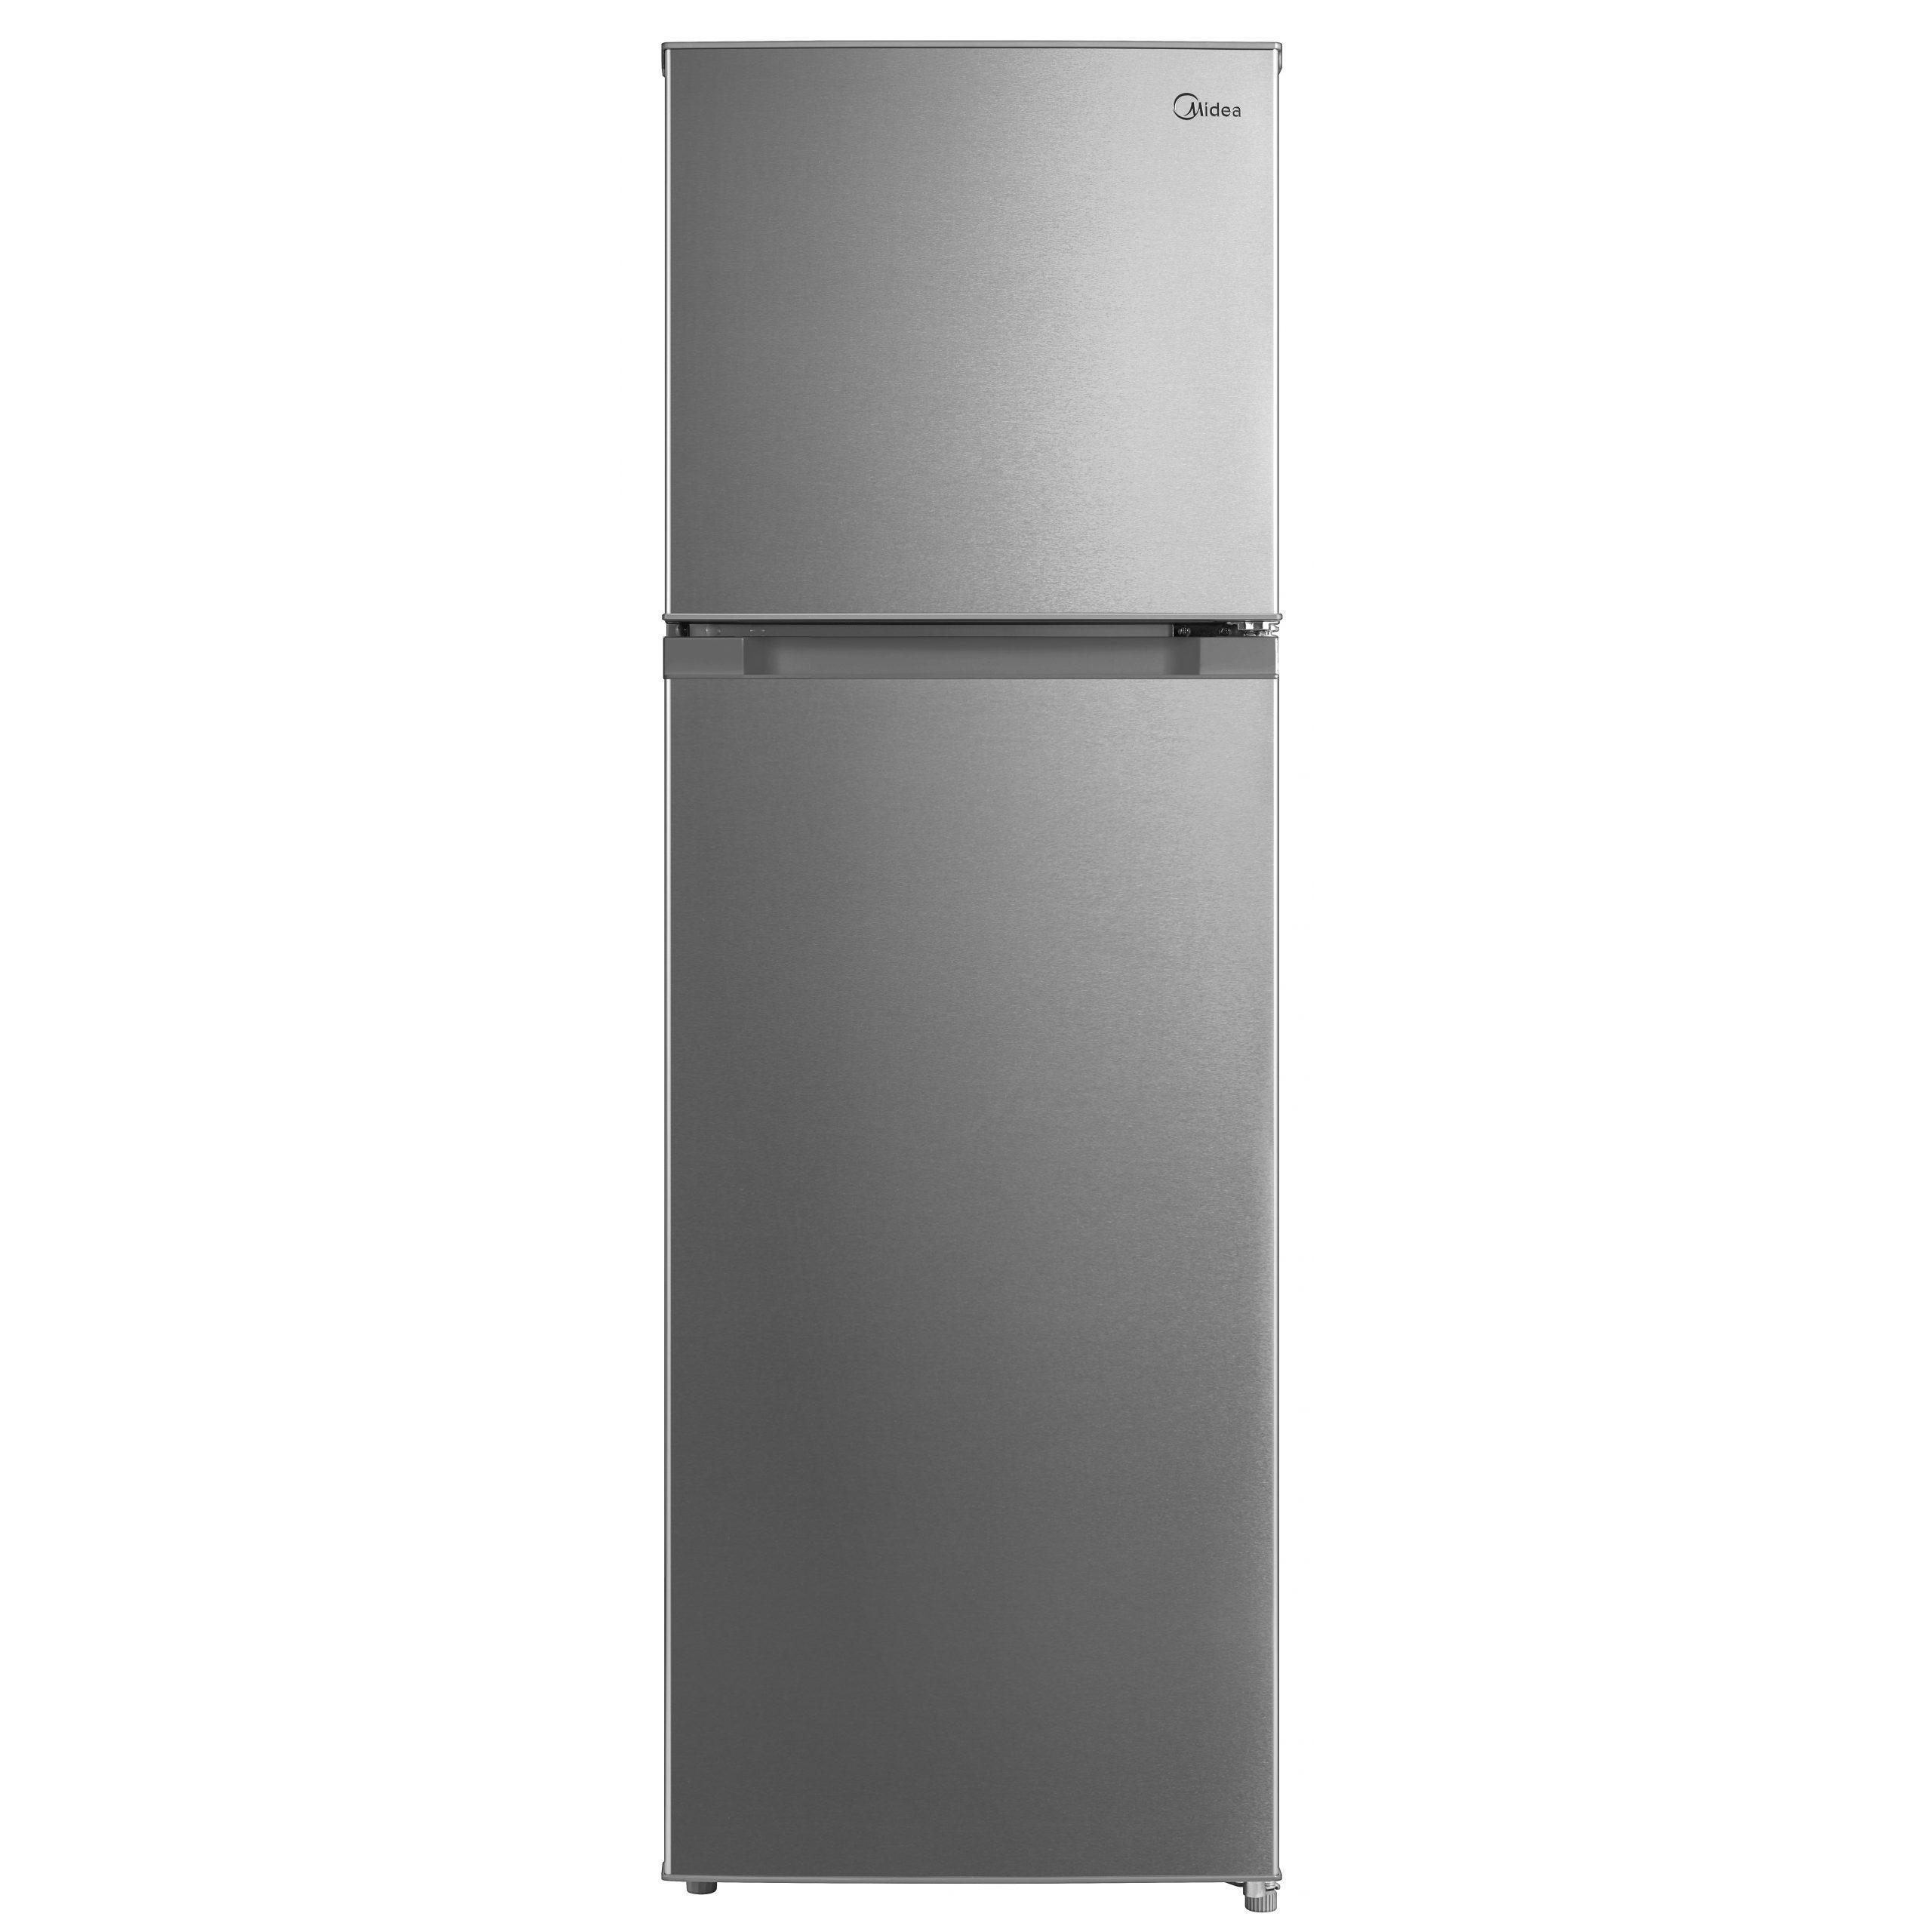 Δίπορτο Ψυγείο Midea MT333A1